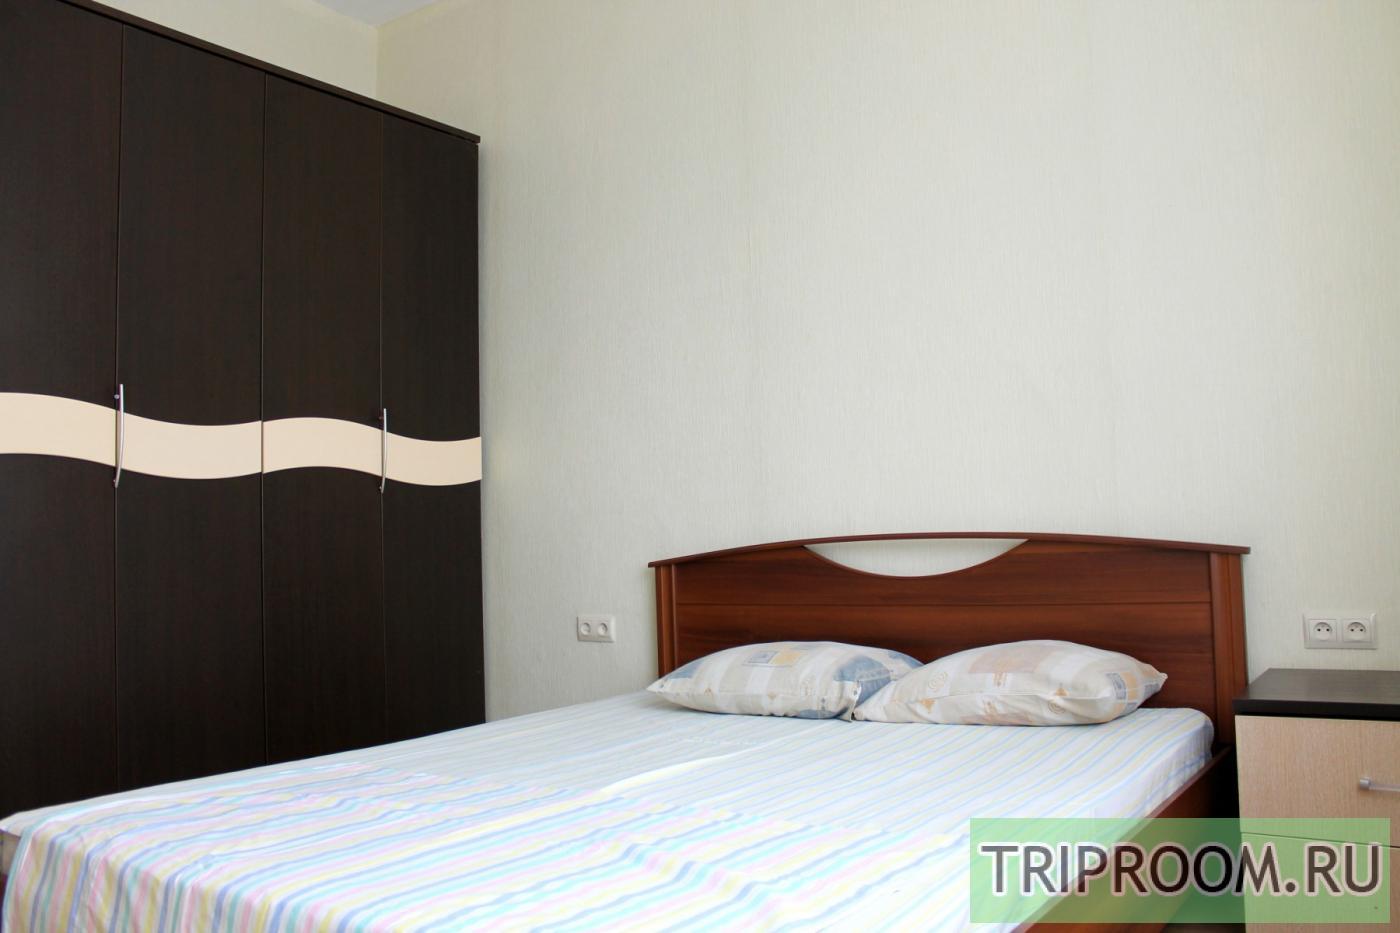 3-комнатная квартира посуточно (вариант № 20393), ул. Ленина проспект, фото № 1